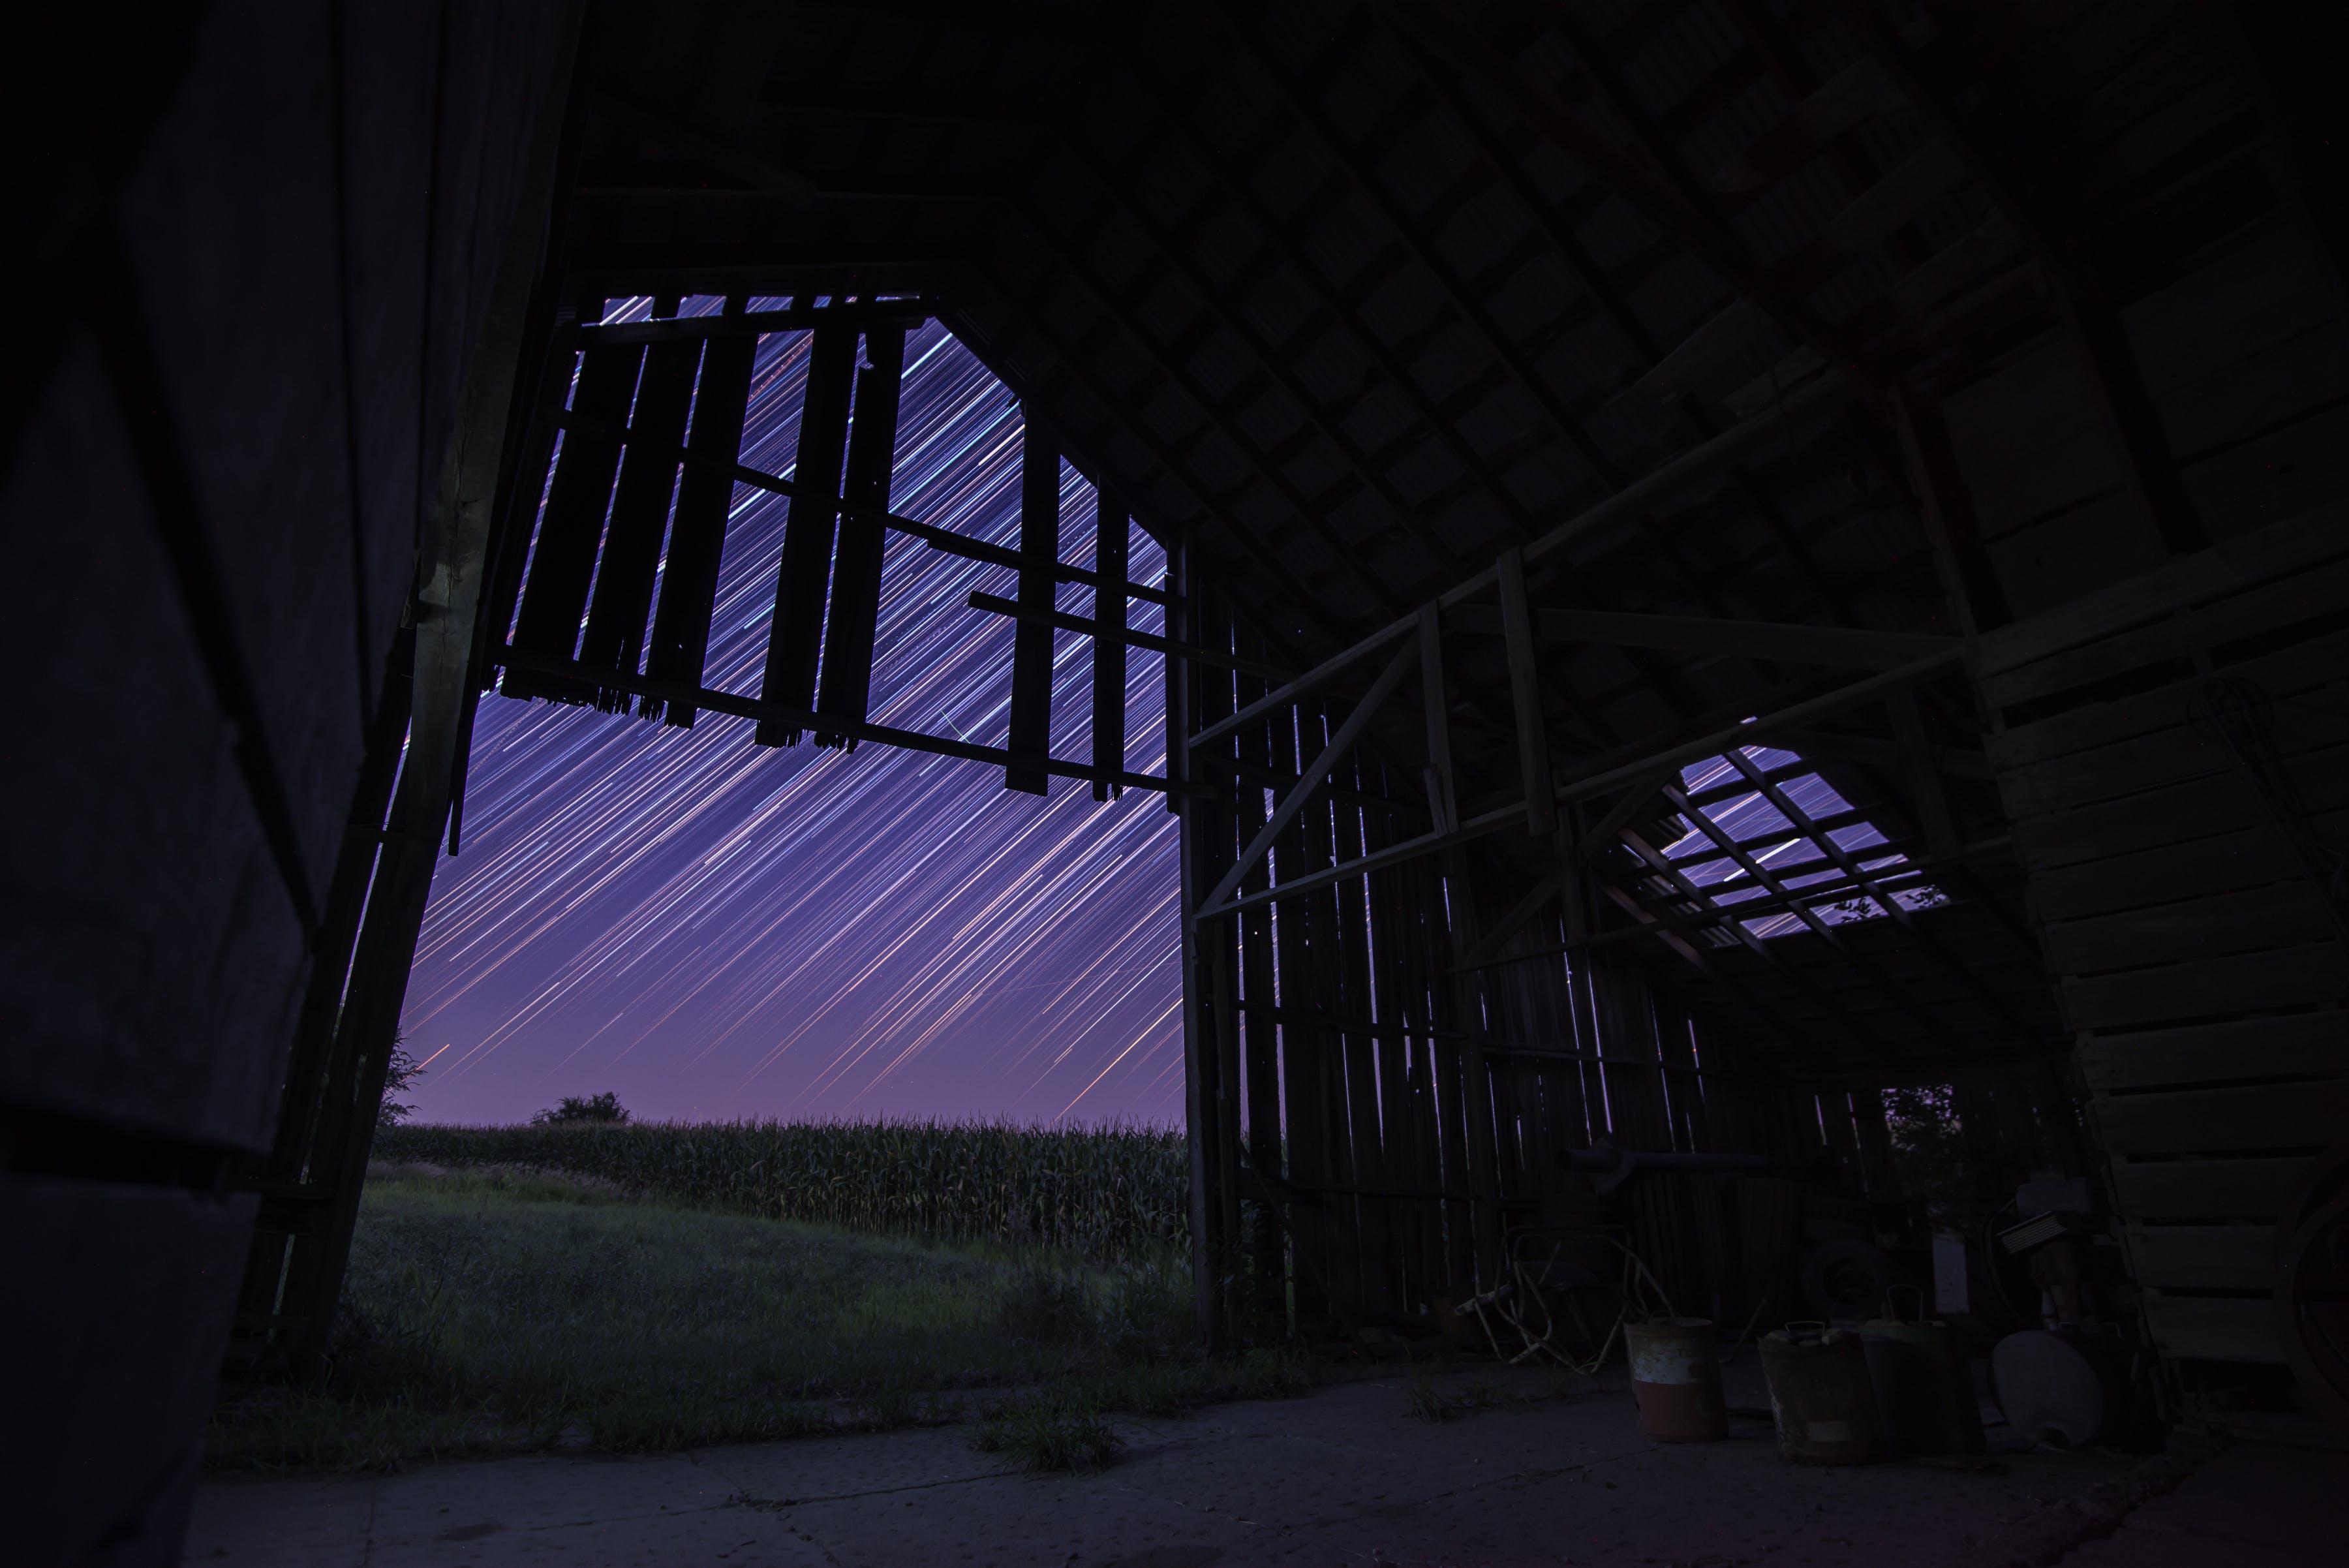 Безкоштовне стокове фото на тему «Астрофотографія, Будівля, довга експозиція, краєвид»